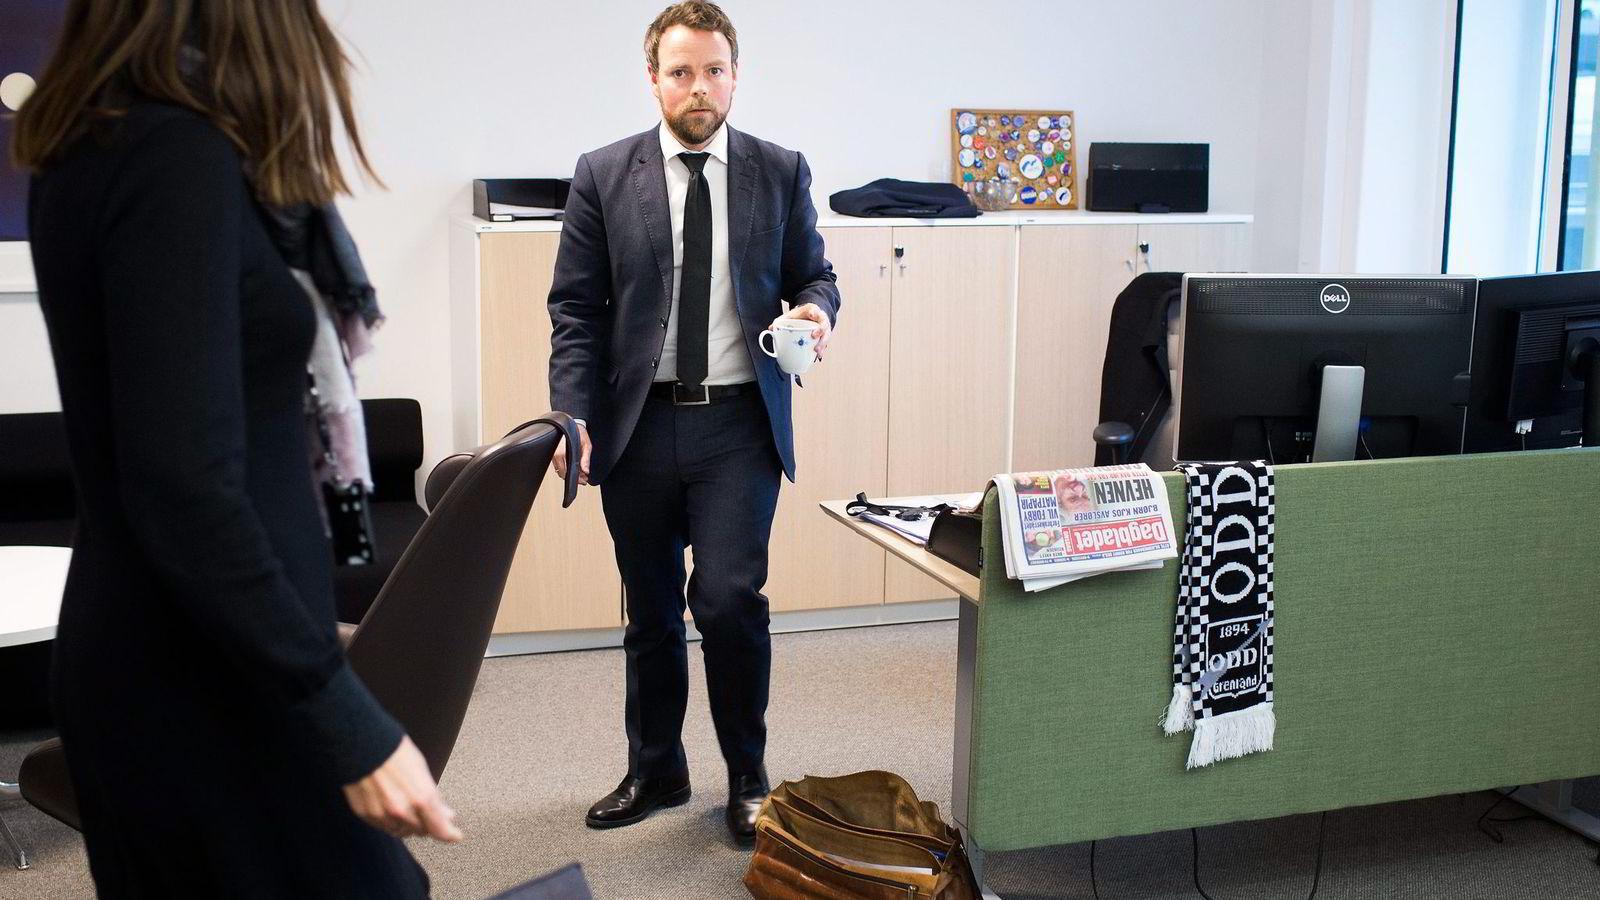 Torbjørn Røe Isaksen krangler med Anthon B Nilsen om hva som egentlig ble sagt og avtalt på møter i forkant av Westerdals-fusjonen. Møtereferater finnes ikke.